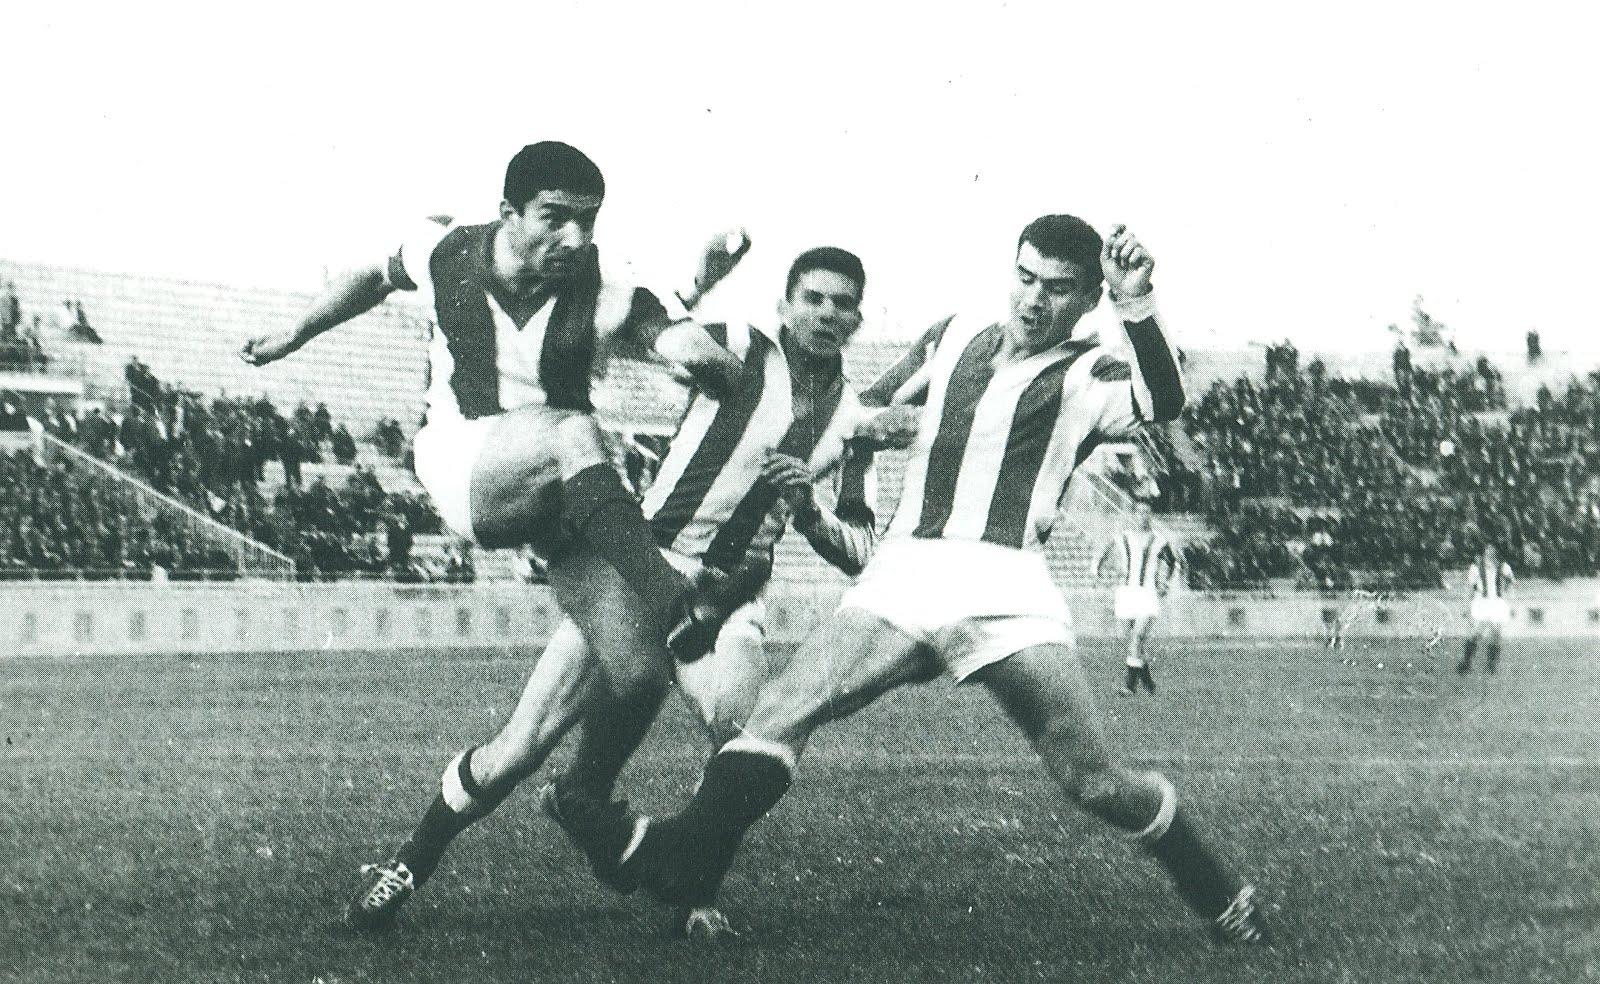 παοκ ολυμπιακοσ γκολ: ερυθρολευκο μετεριζι: ΣΑΝ ΣΗΜΕΡΑ ΤΟ 1972